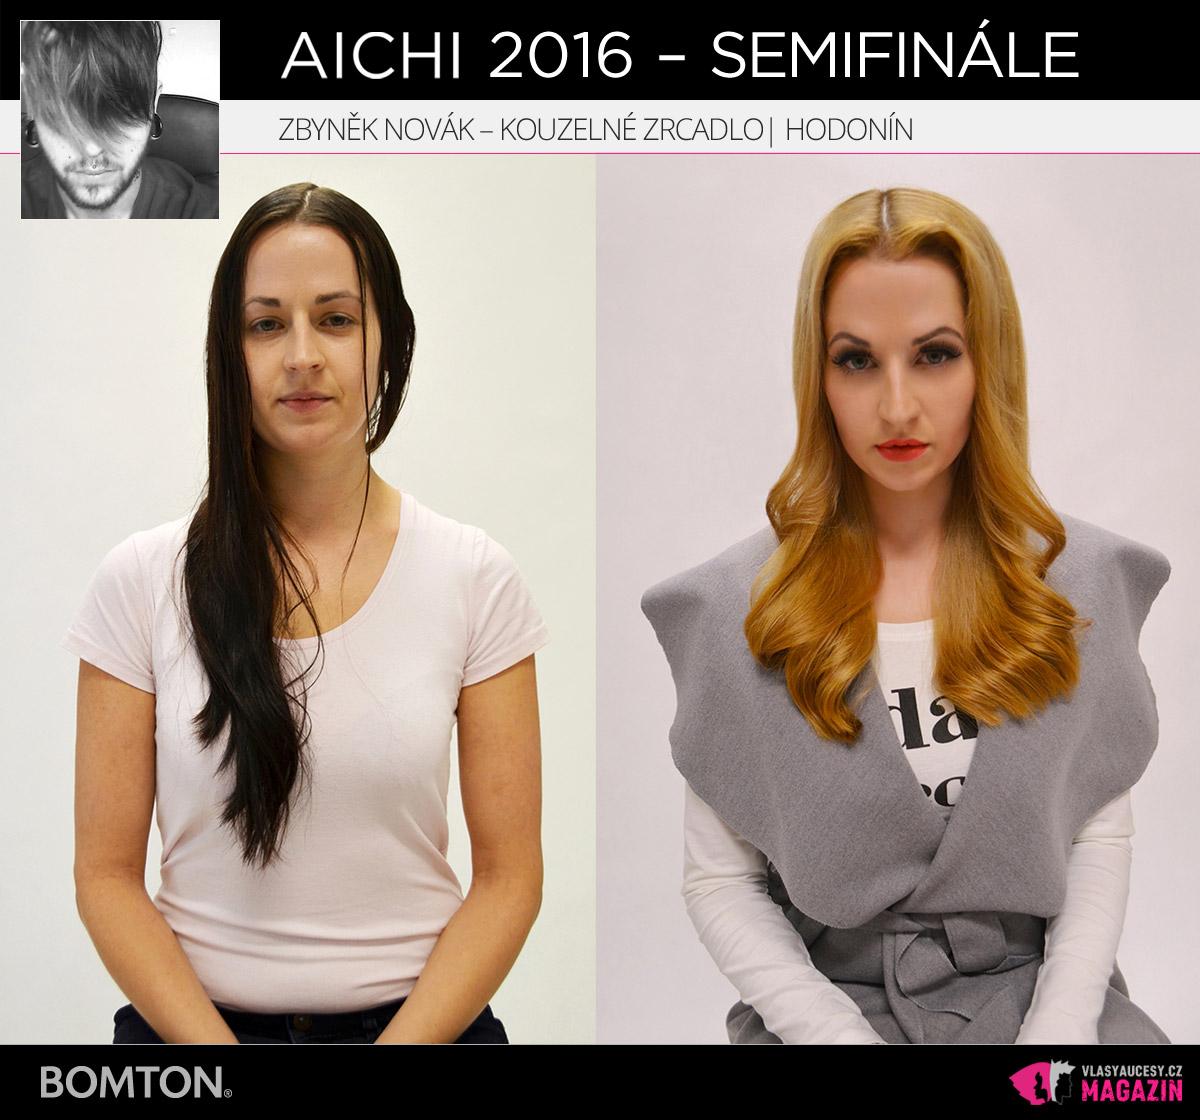 Zbyněk Novák – Kouzelné zrcadlo, Hodonín | Proměny AICHI 2016 - postupující do semifinálového kola